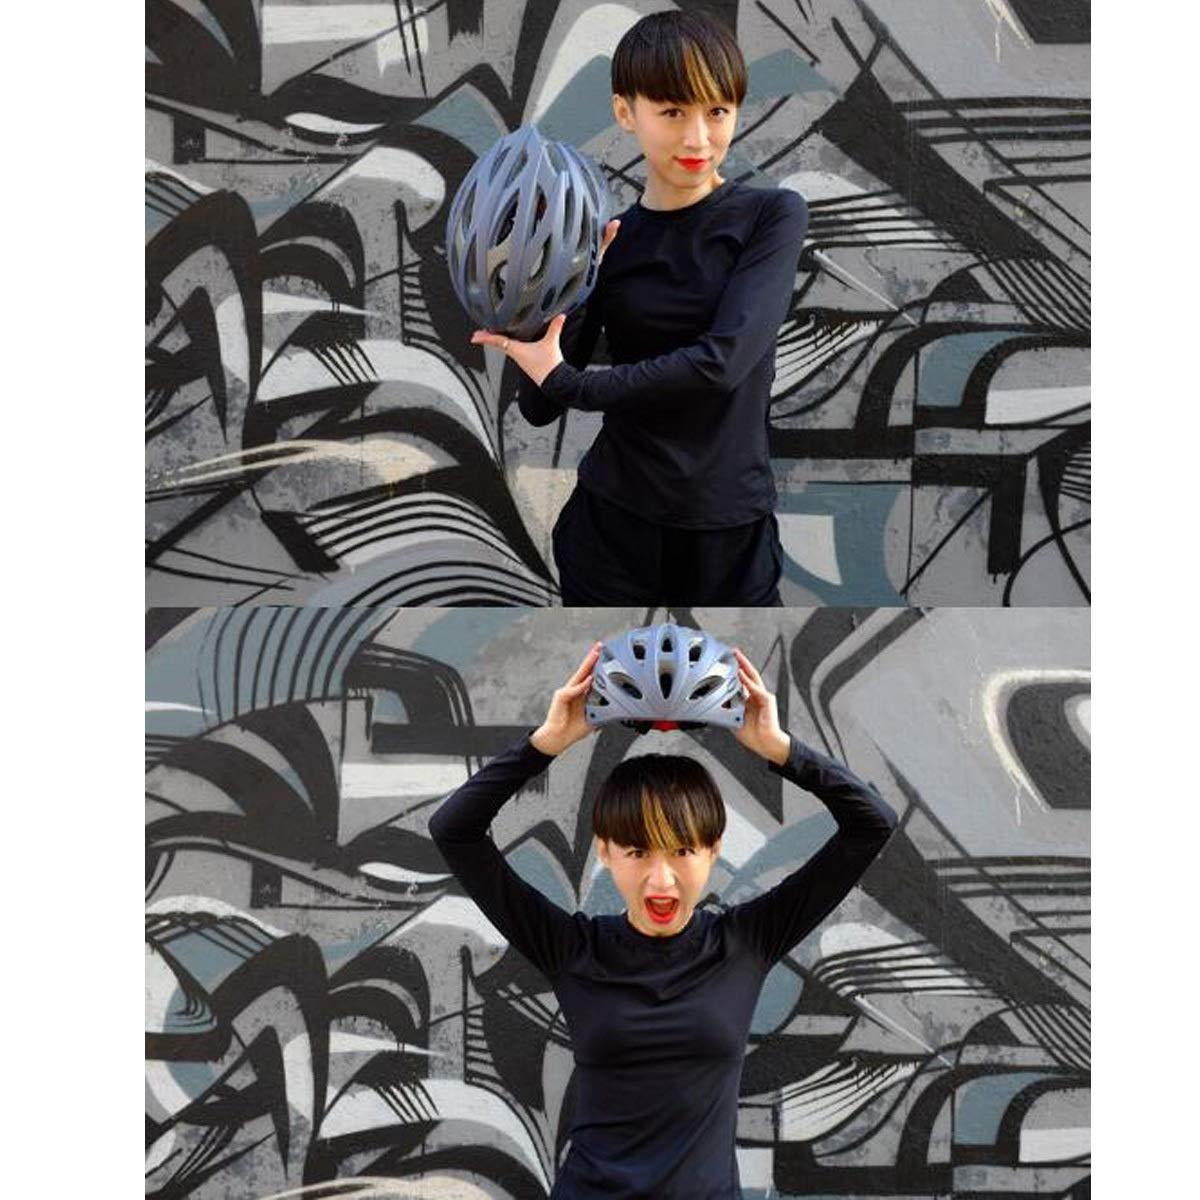 8haowenju Casco Casco Casco Bici da Corsa, Traverse H1 2-in-1 Cabriolet Sci & Snowboard Bike & Skate con 28 Prese d'Aria (Coloree   bianca, Dimensione   XL(58-65 cm)) B07NWHQ17P XL(58-65 cm) bianca | Ricca consegna puntuale  | Attraente e durevole  | Qualità E Quan 1f5bd5